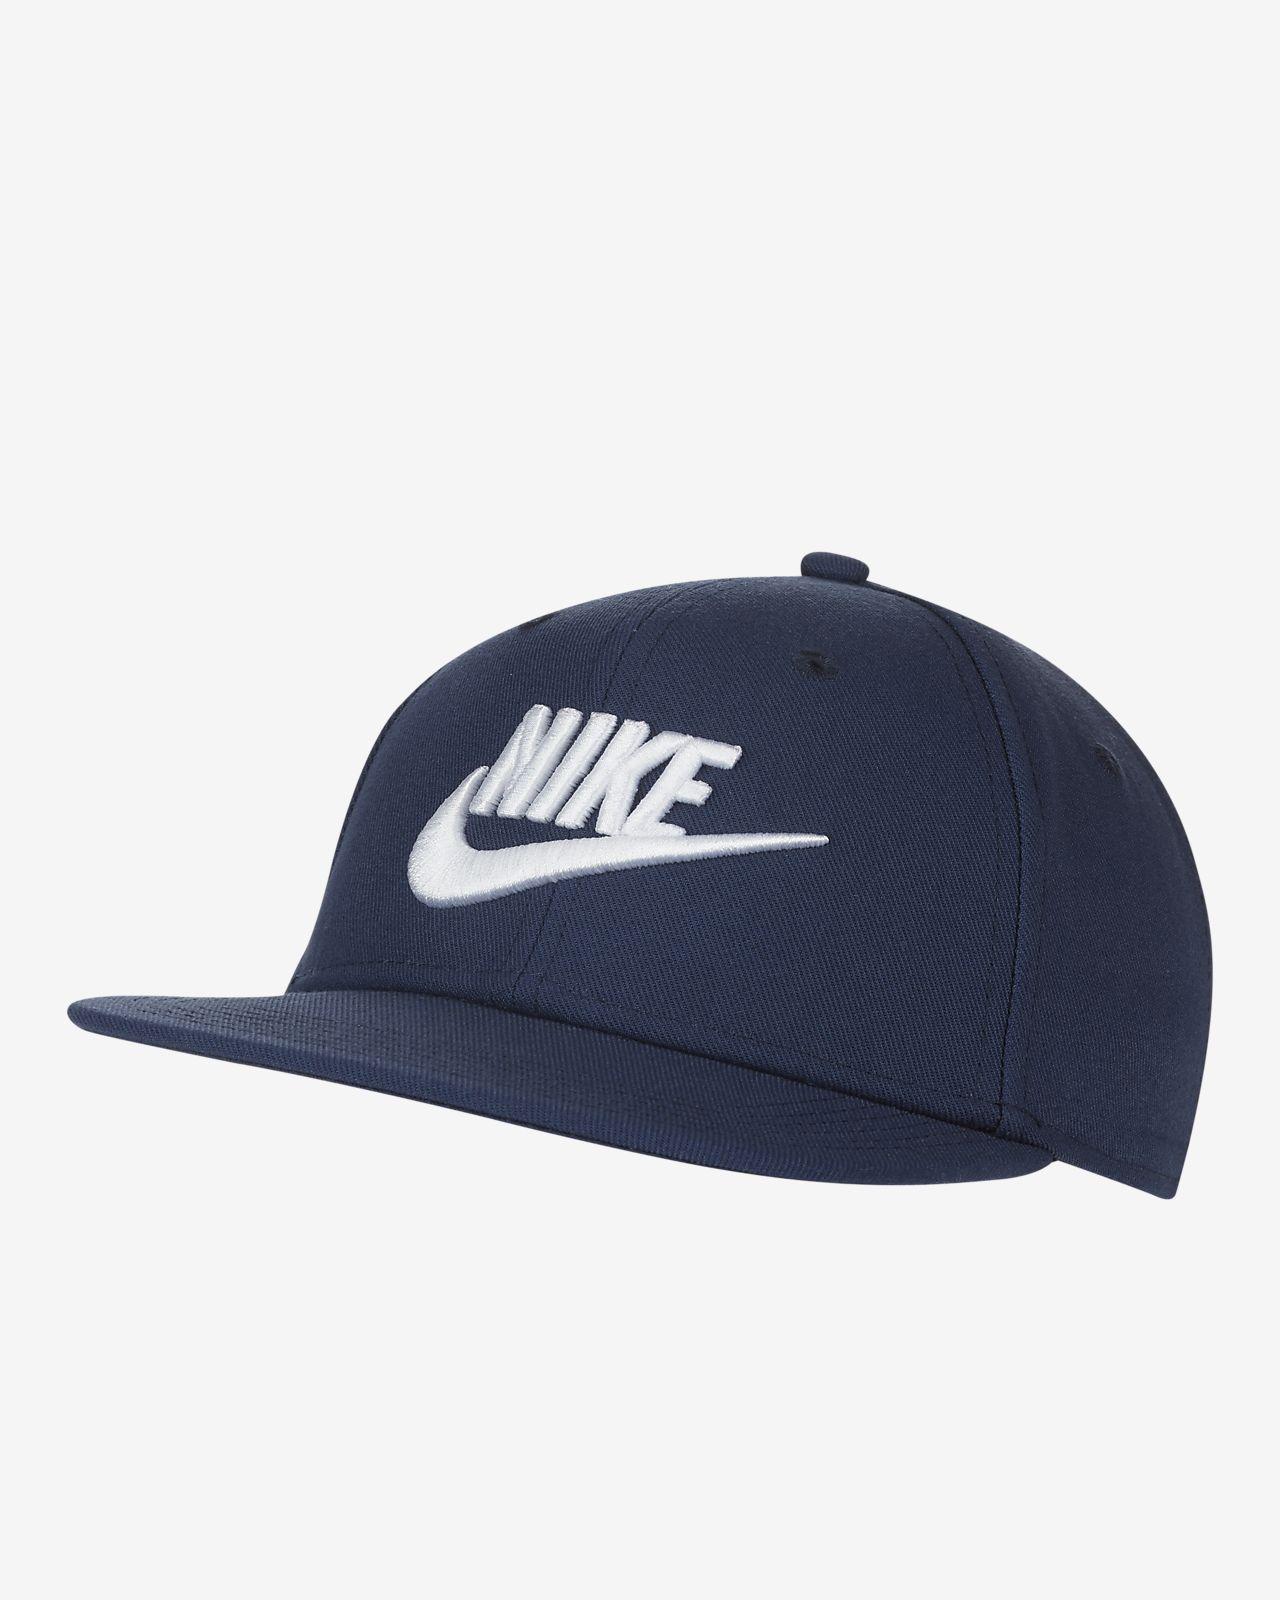 Nike Pro verstellbare Cap für Kinder